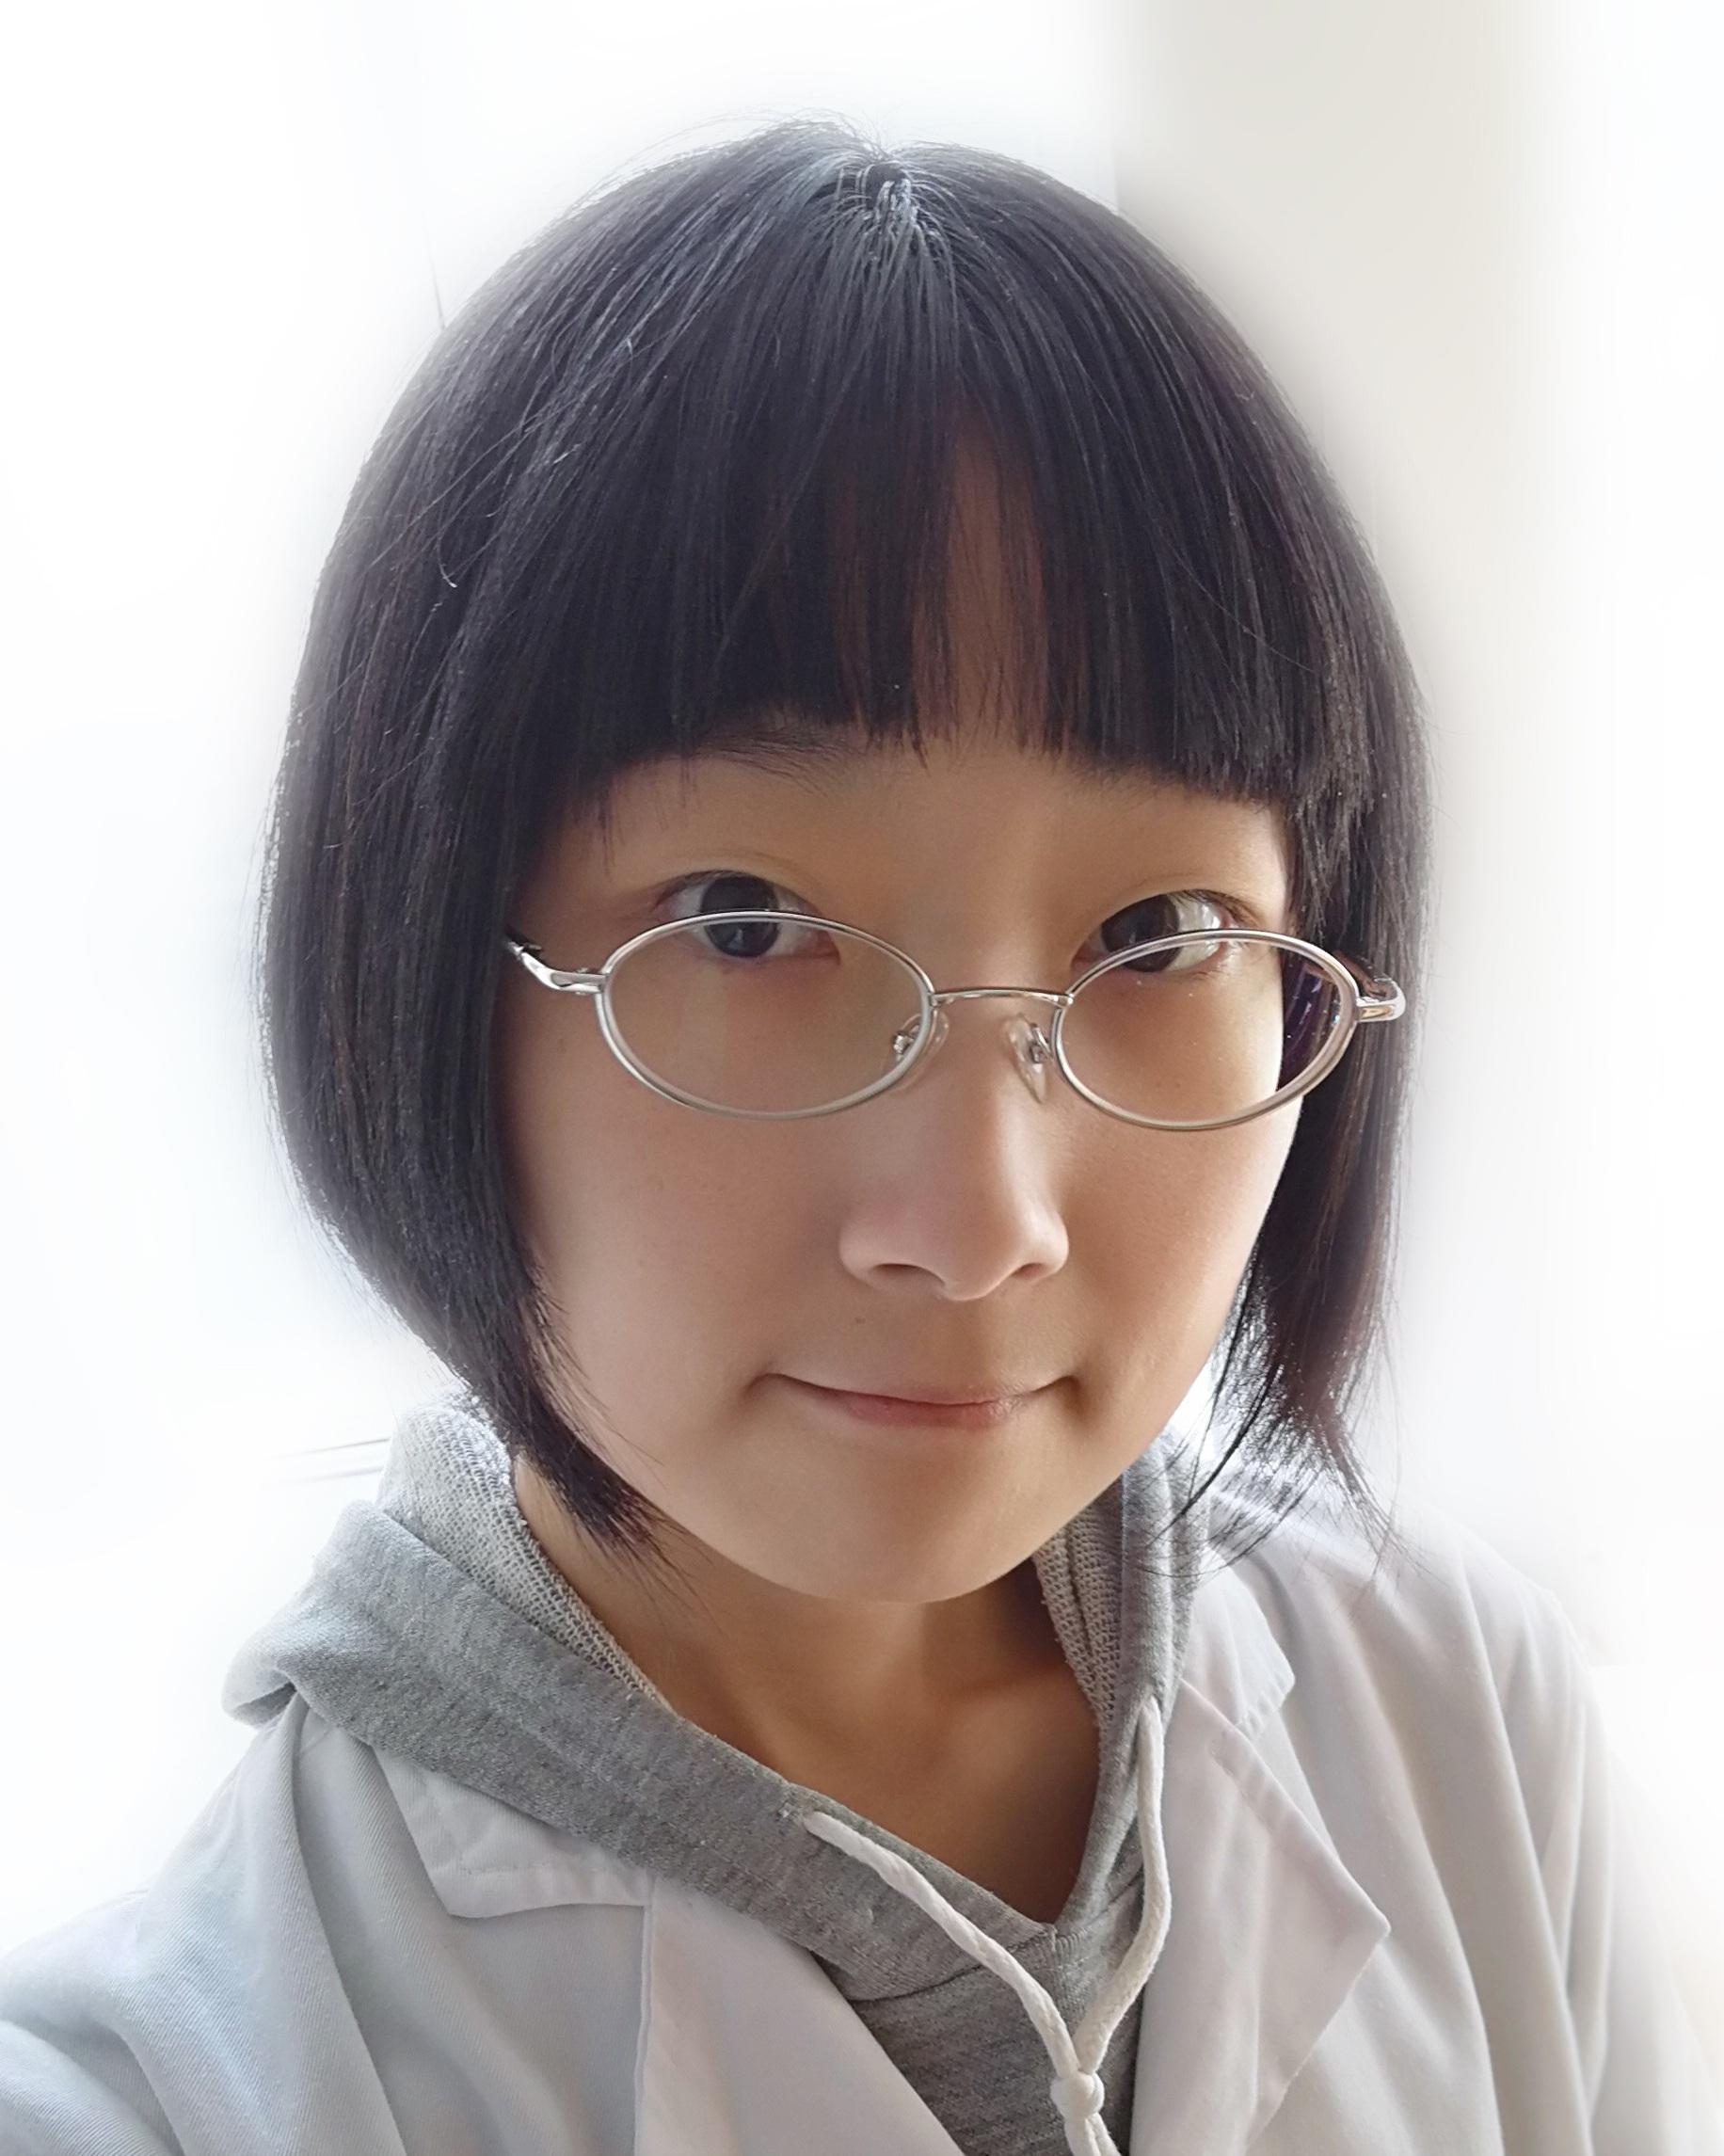 Yuzhu Wang - Visiting Scholar2019 M.D. Beijing Chaoyang Hospital, Capital Medical University, China